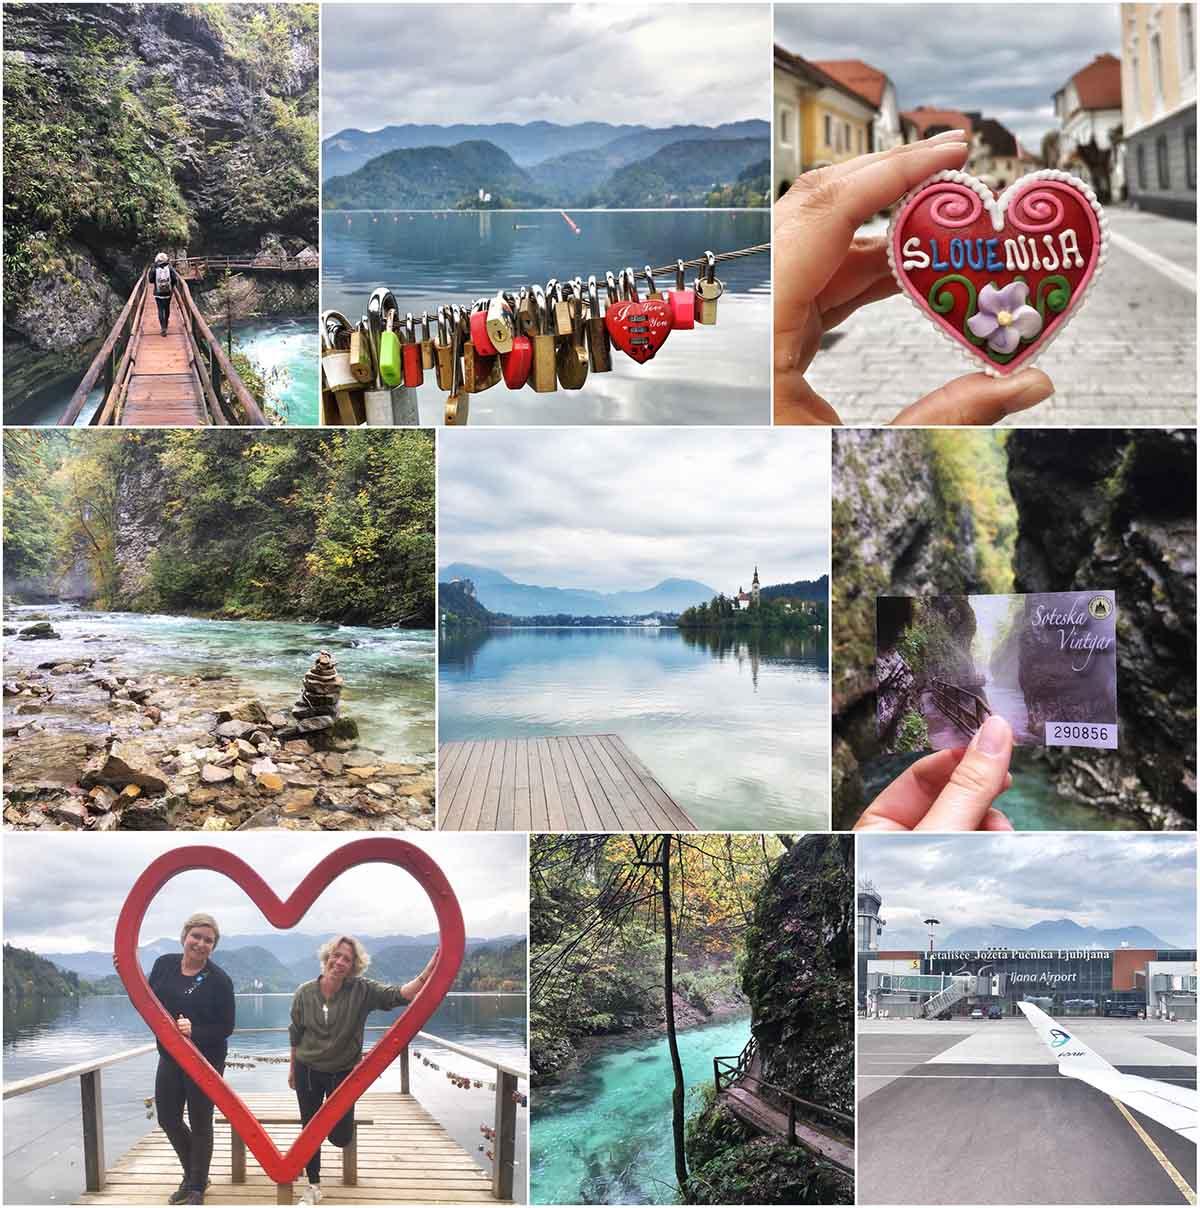 jaloersmakende vakantiefoto - Travelvibe